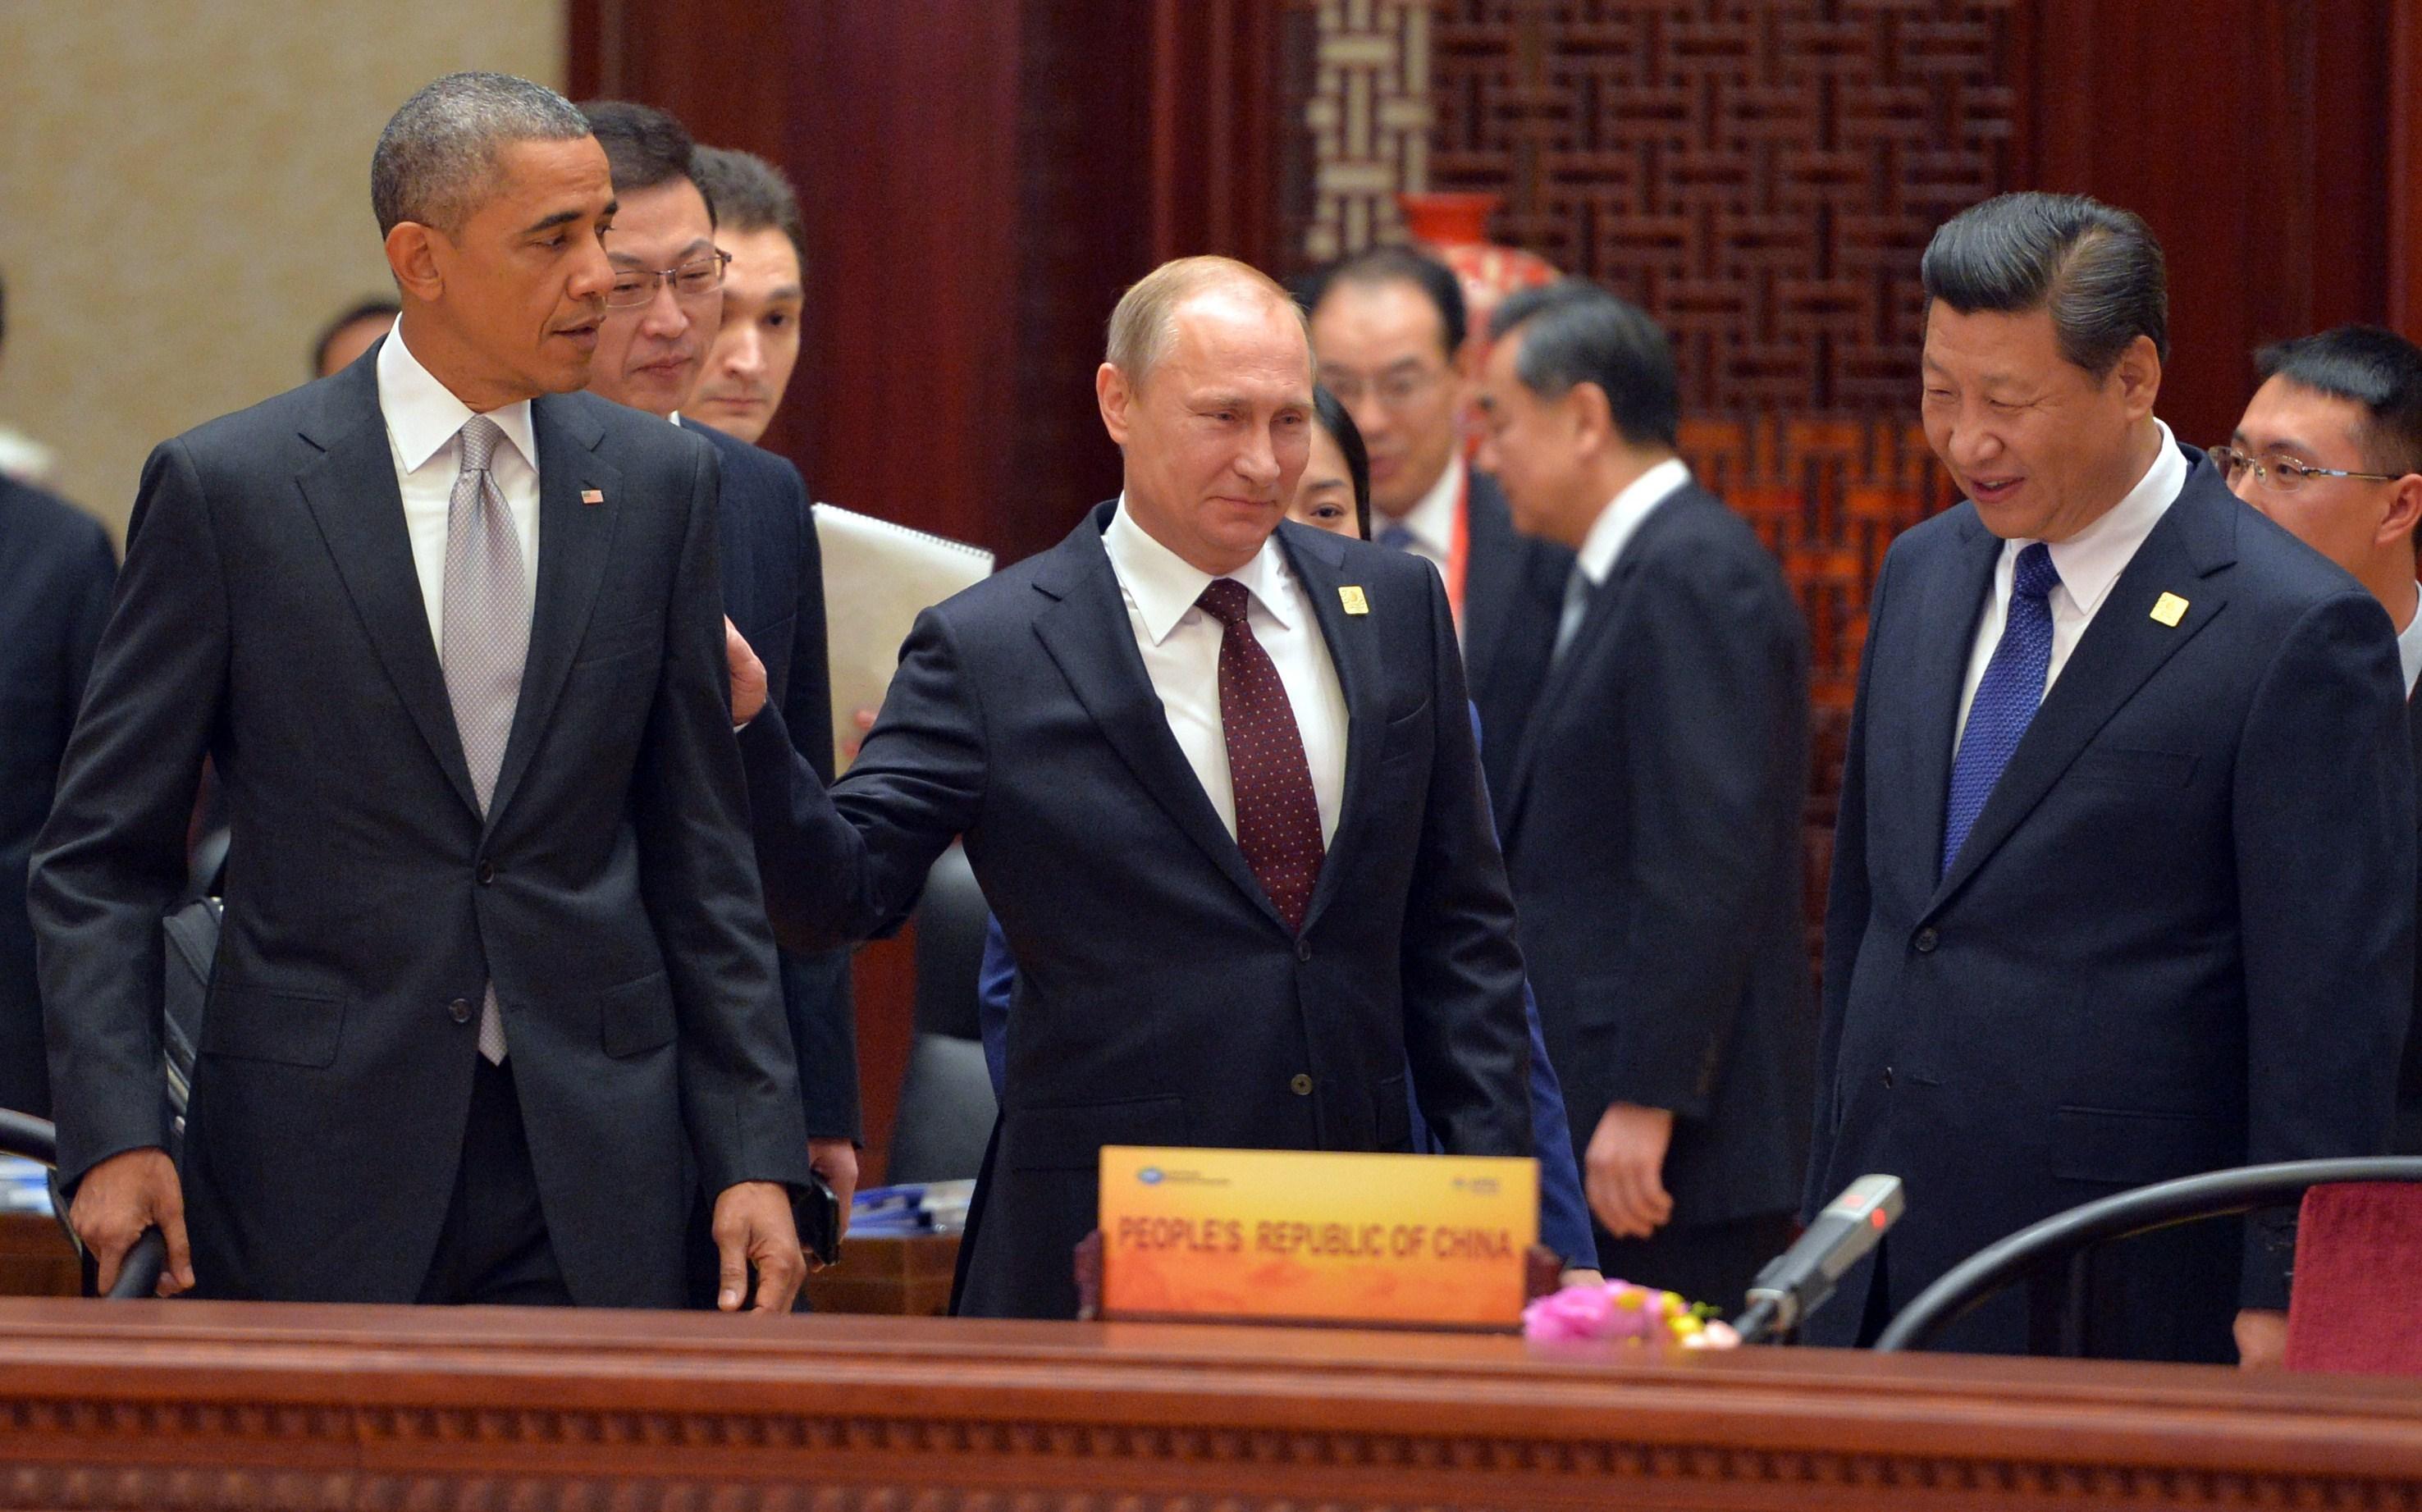 Mesajul lui Obama pentru Putin: americanii trimit cele mai moderne avioane militare, F-22 Raptor, in Europa